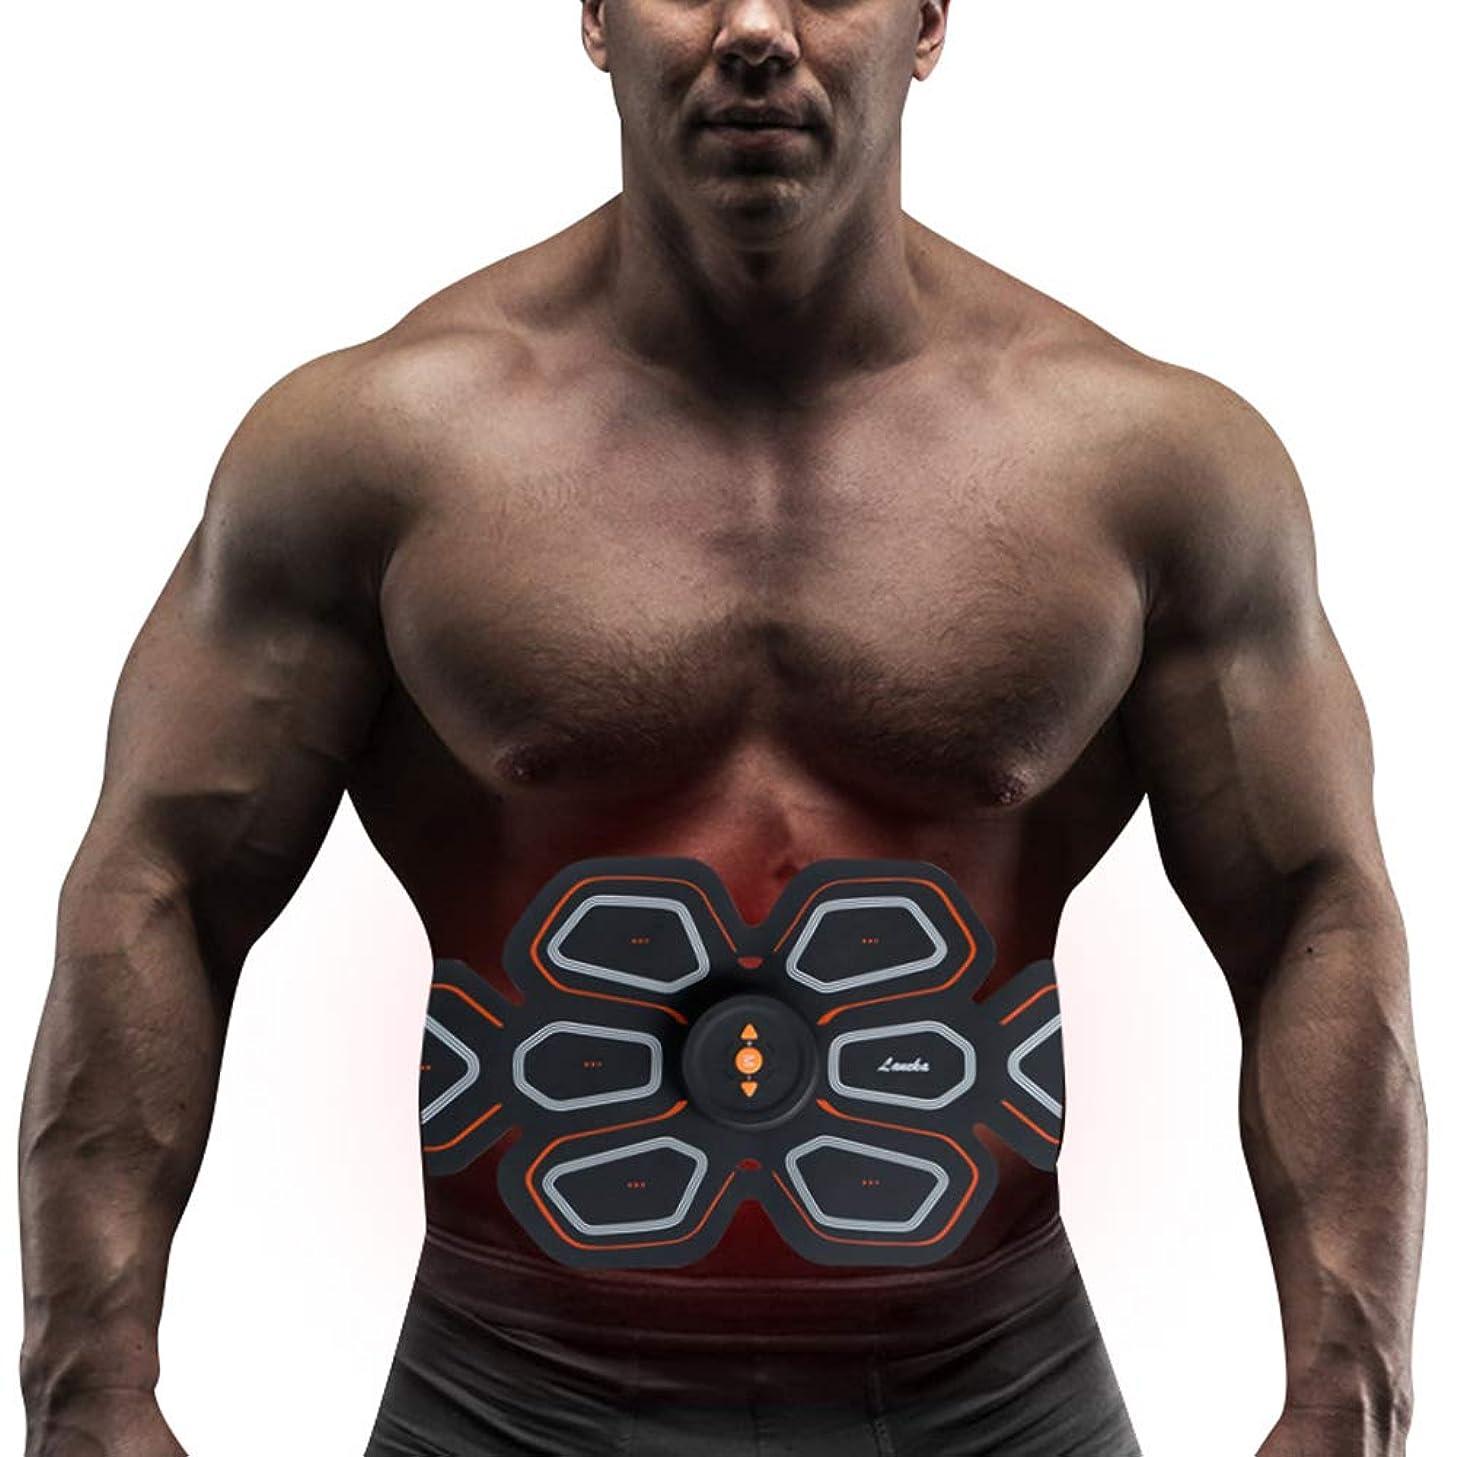 聖職者証書まっすぐスマート腹部筋肉トレーナーusb電気マッサージフィットネス機器EMS筋肉刺激装置体重減少マッサージスポーツフィットネス機器ユニセックス